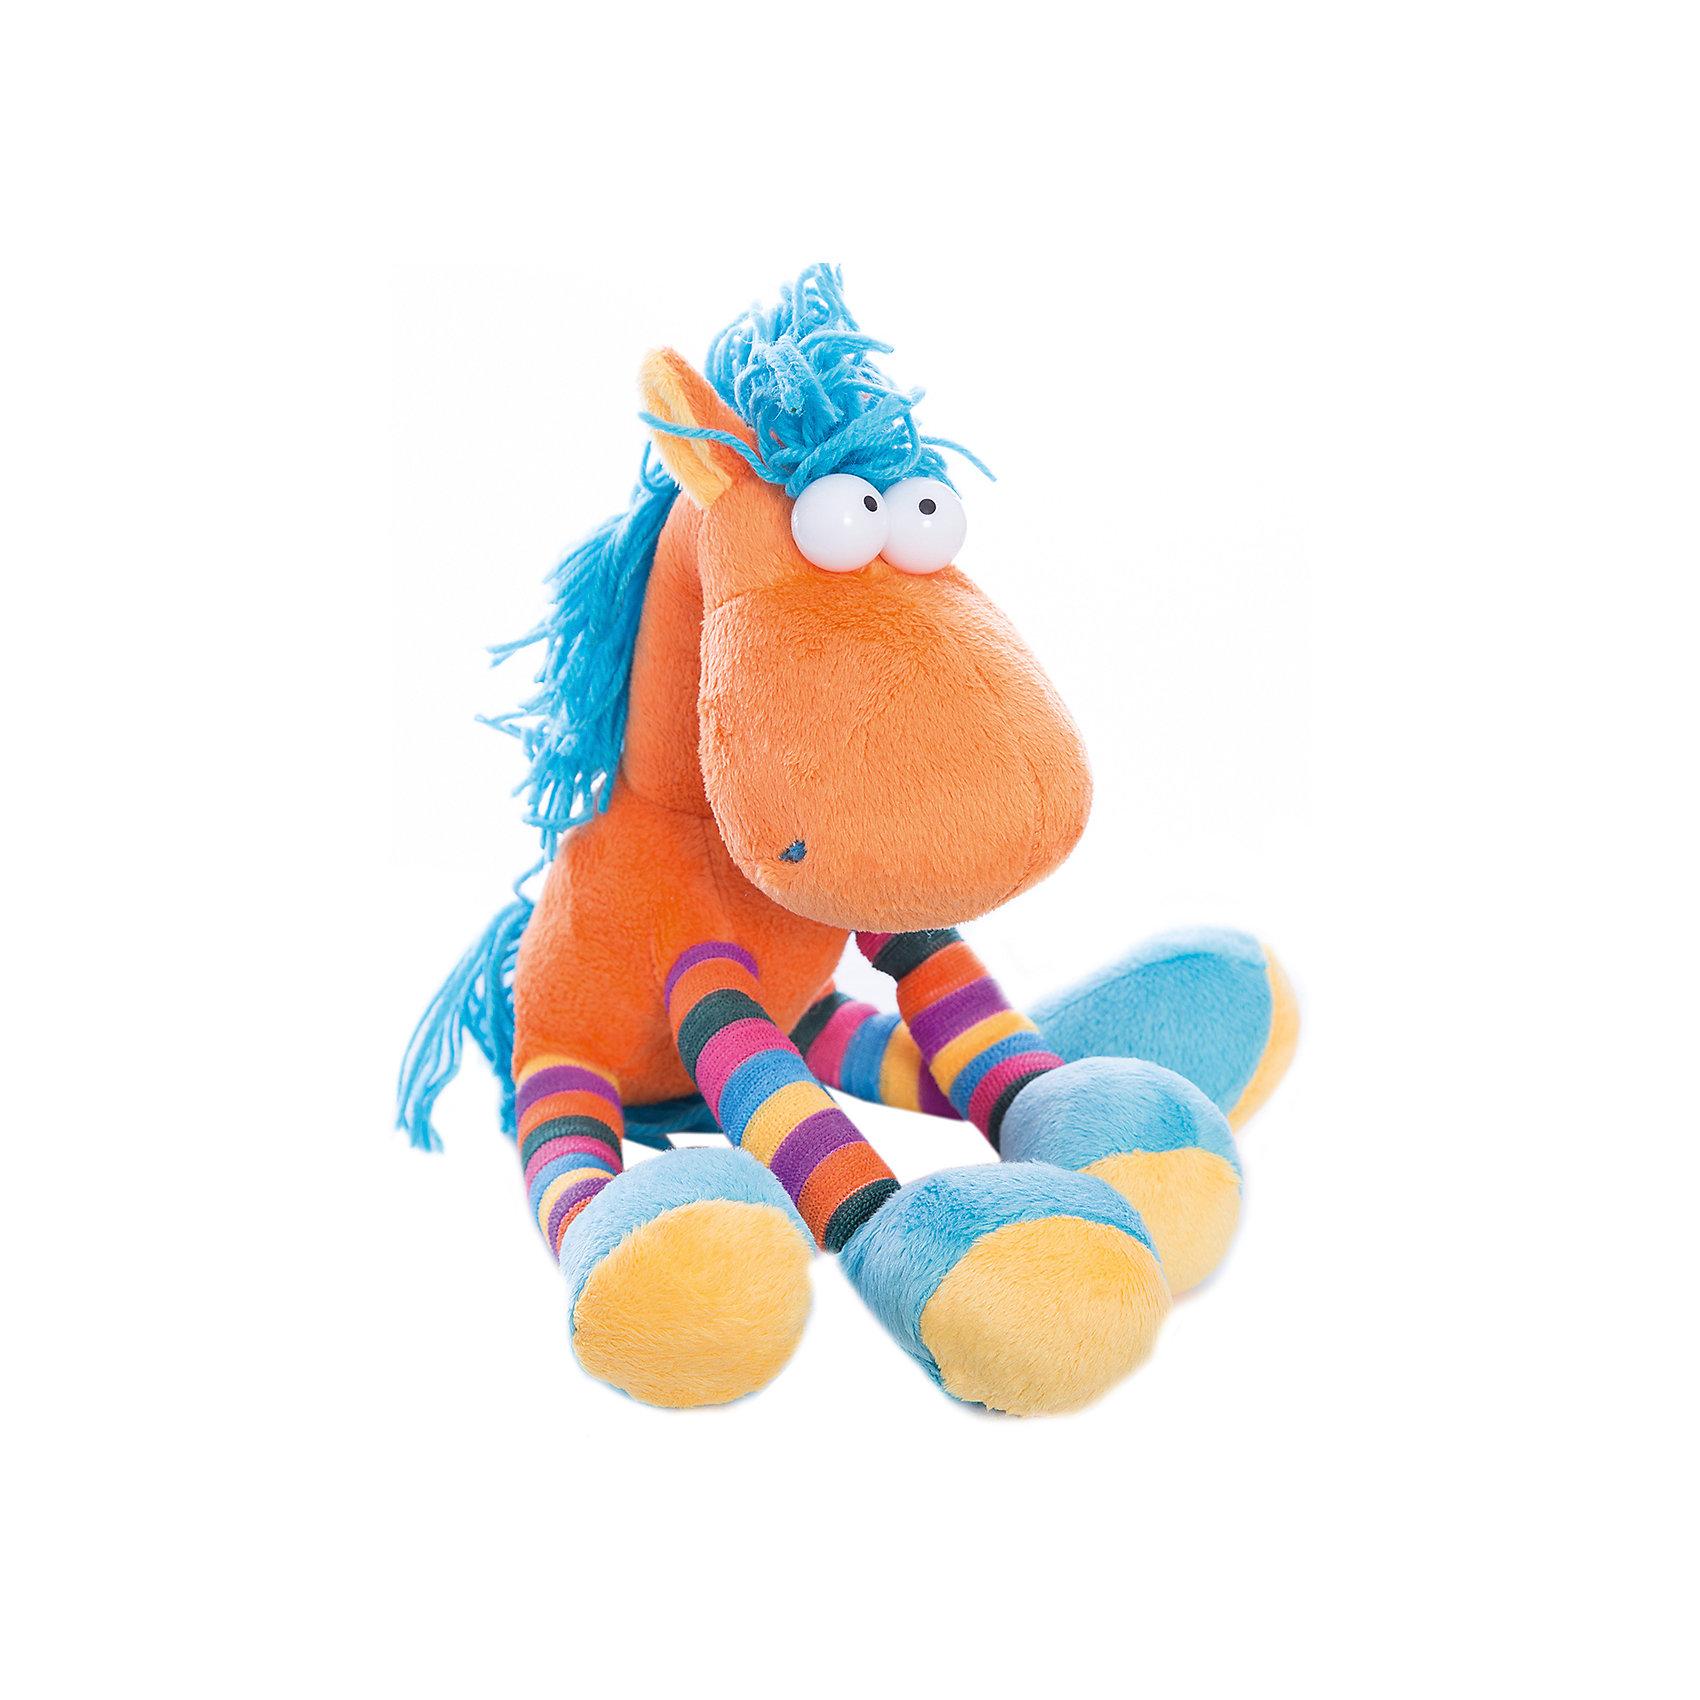 Мягкая игрушка Конь - Миг, FancyМягкие игрушки животные<br>Характеристики:<br><br>• высота игрушки: 29 см;<br>• тип игрушки: мягконабивная;<br>• материал: плюш, синтетический наполнитель. <br><br>Очень смешной и яркий конь Миг с полосатыми копытцами окрашен в жизнерадостные цвета. Радужный конь мягкий на ощупь, его грива и хвостик изготовлены из ниток. Для изготовления мягких игрушек Fancy используются высококачественные гипоаллергенные материалы. <br><br>Мягкую игрушку Конь - Миг, Fancy можно купить в нашем магазине.<br><br>Ширина мм: 220<br>Глубина мм: 100<br>Высота мм: 290<br>Вес г: 118<br>Возраст от месяцев: 36<br>Возраст до месяцев: 2147483647<br>Пол: Унисекс<br>Возраст: Детский<br>SKU: 5268997